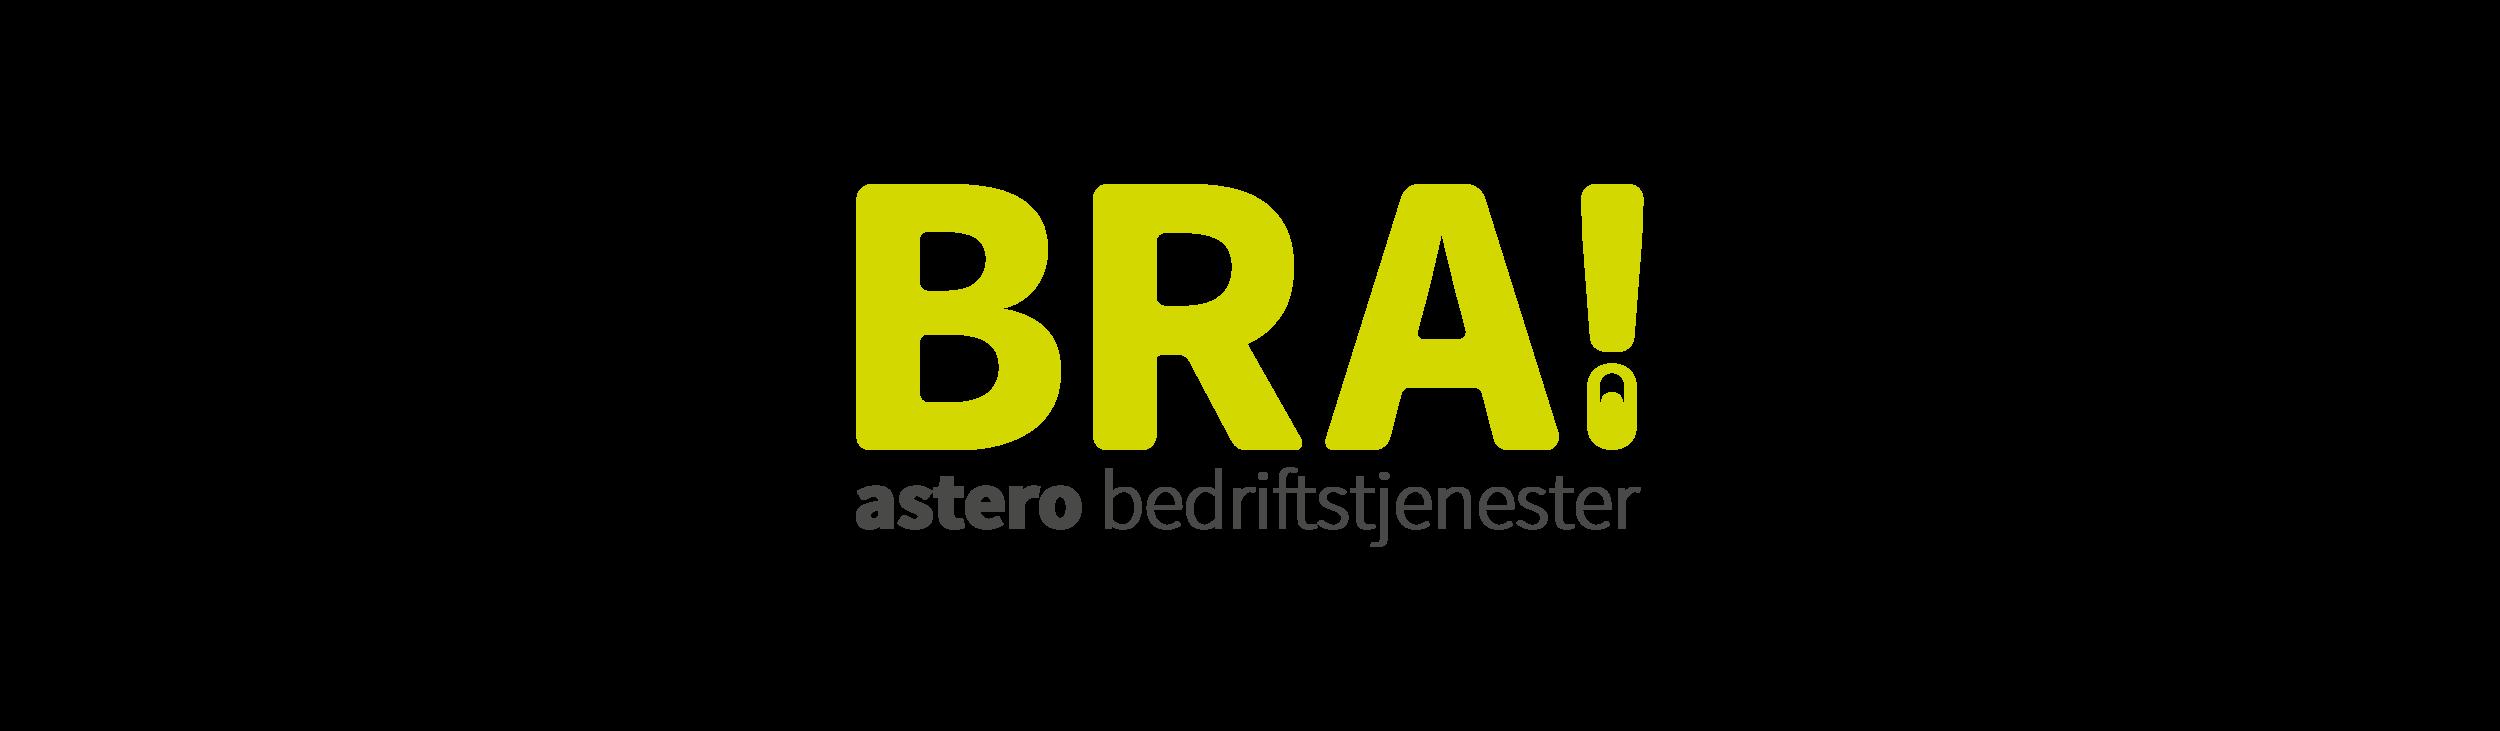 asterobra_logo_med bakgrunn_avlang.png